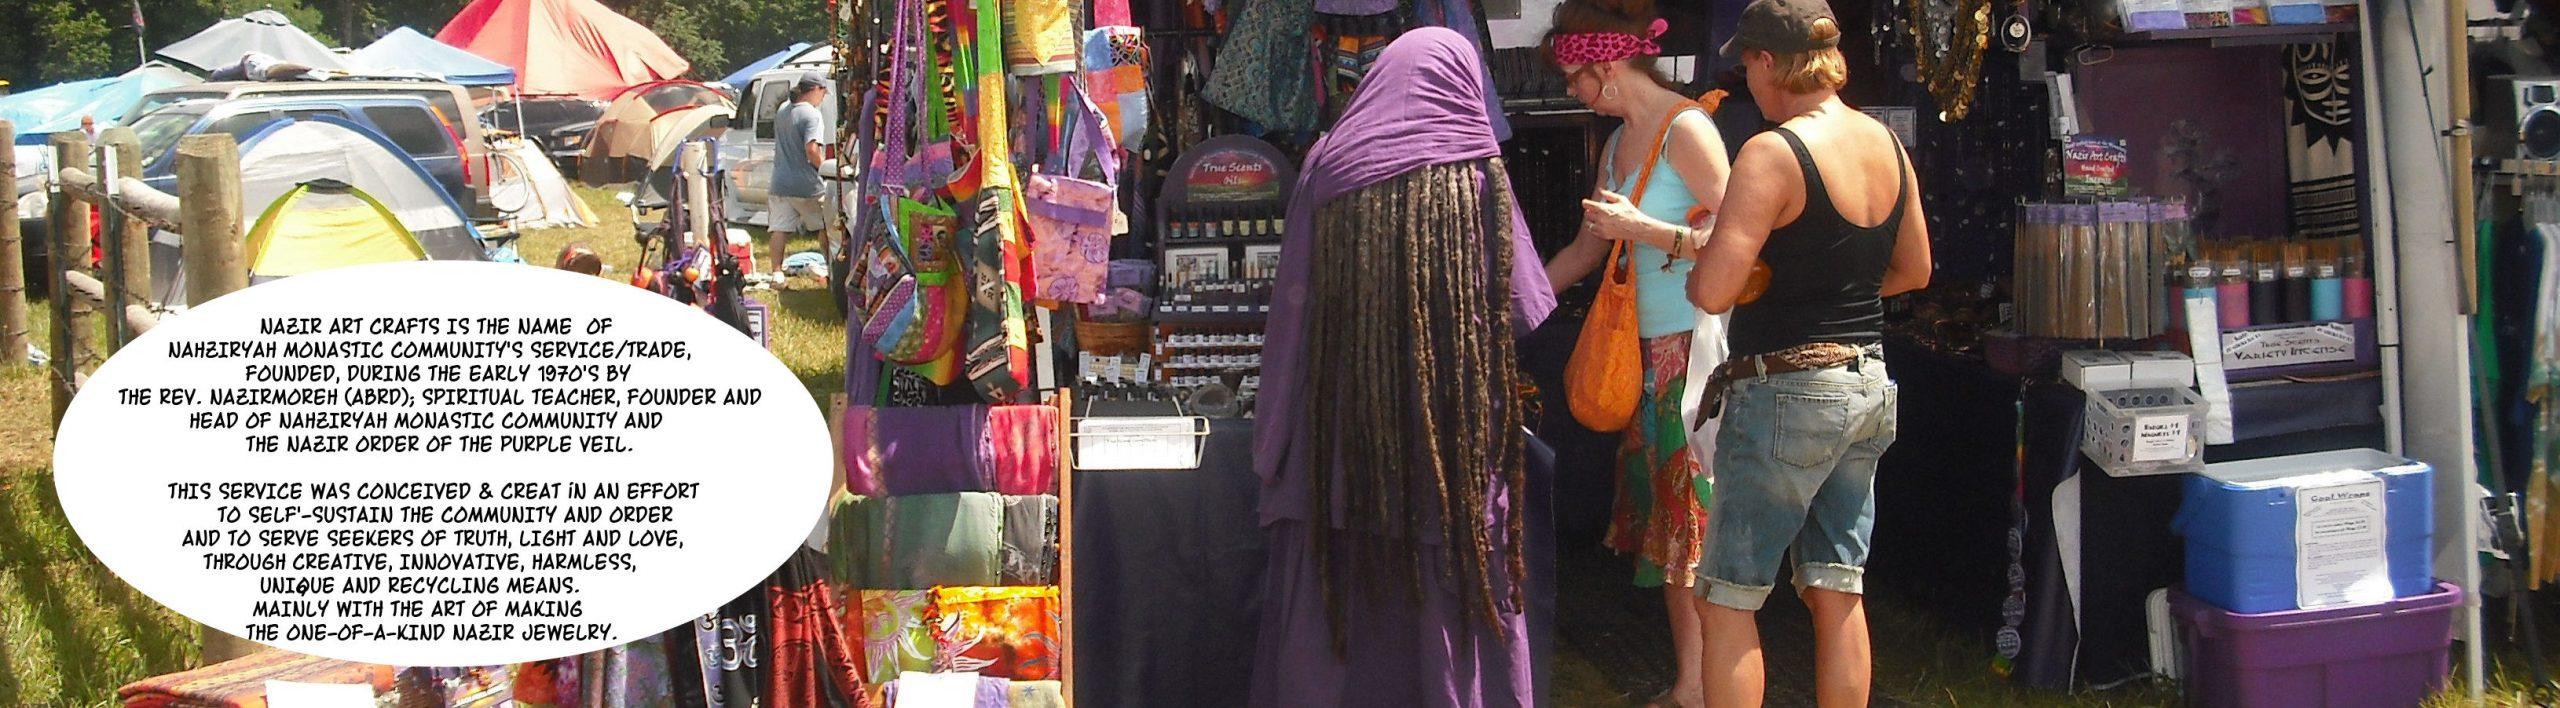 Nazir Art Crafts